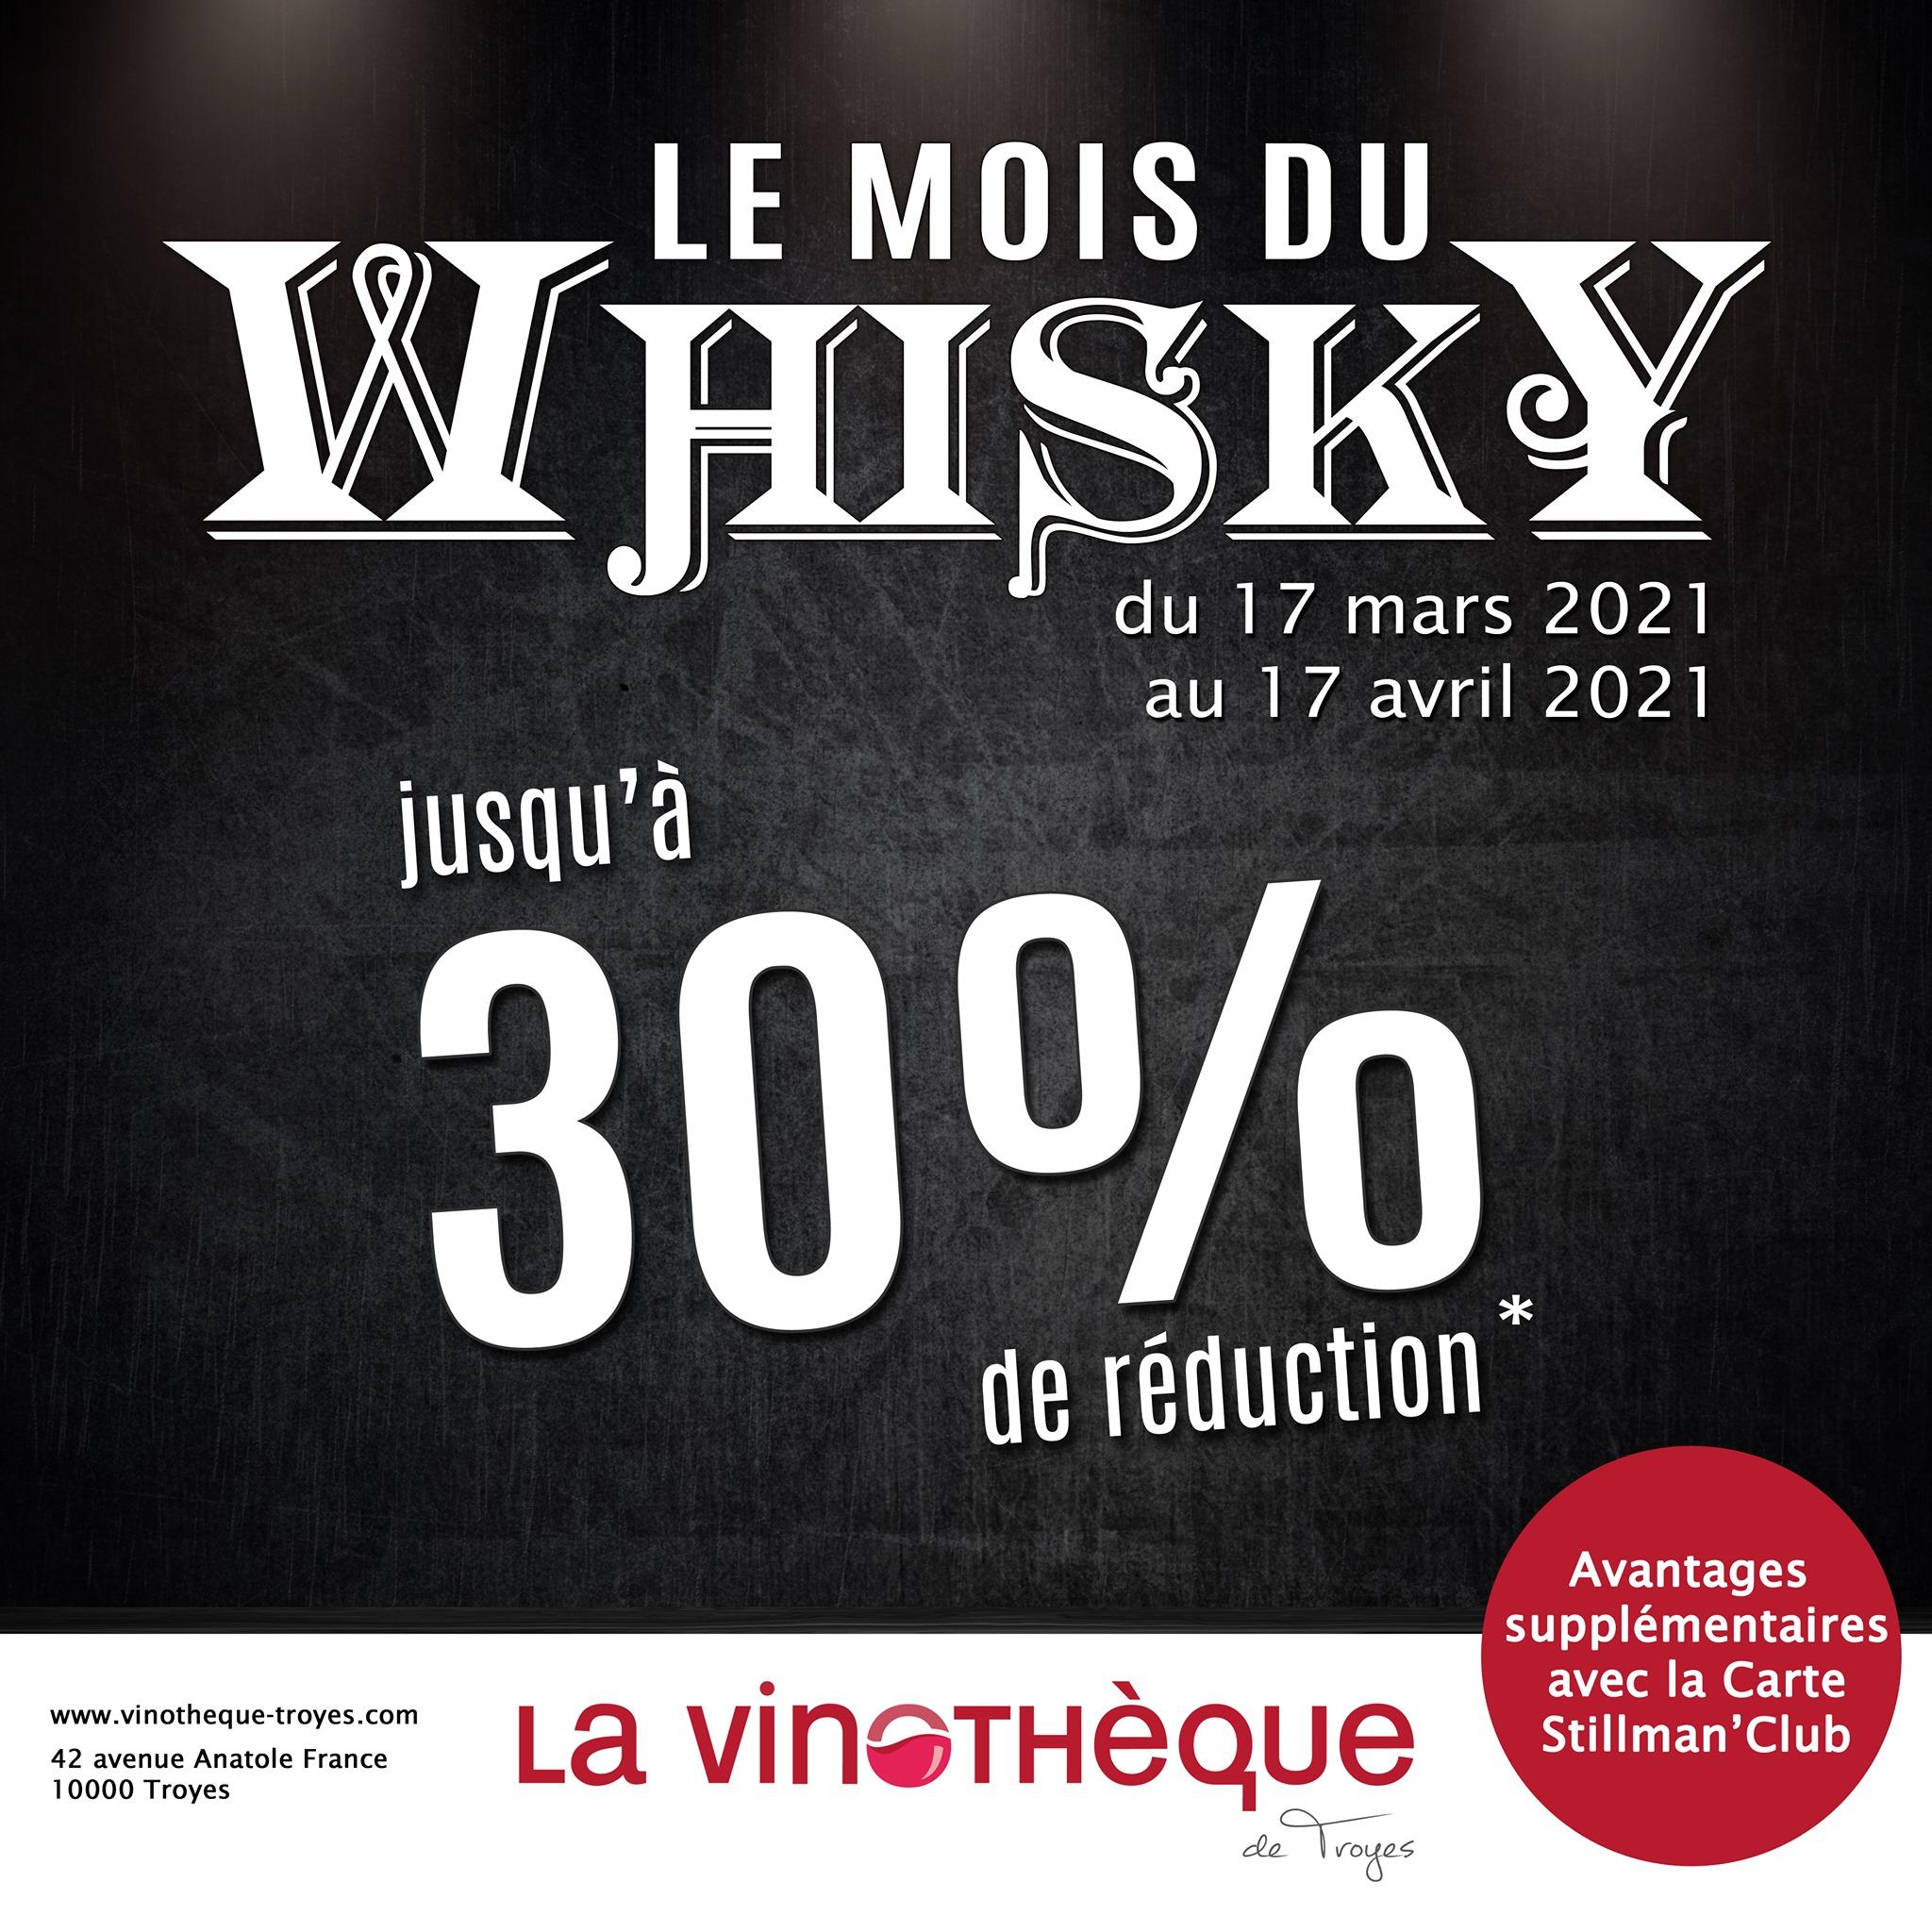 Le Mois du Whisky